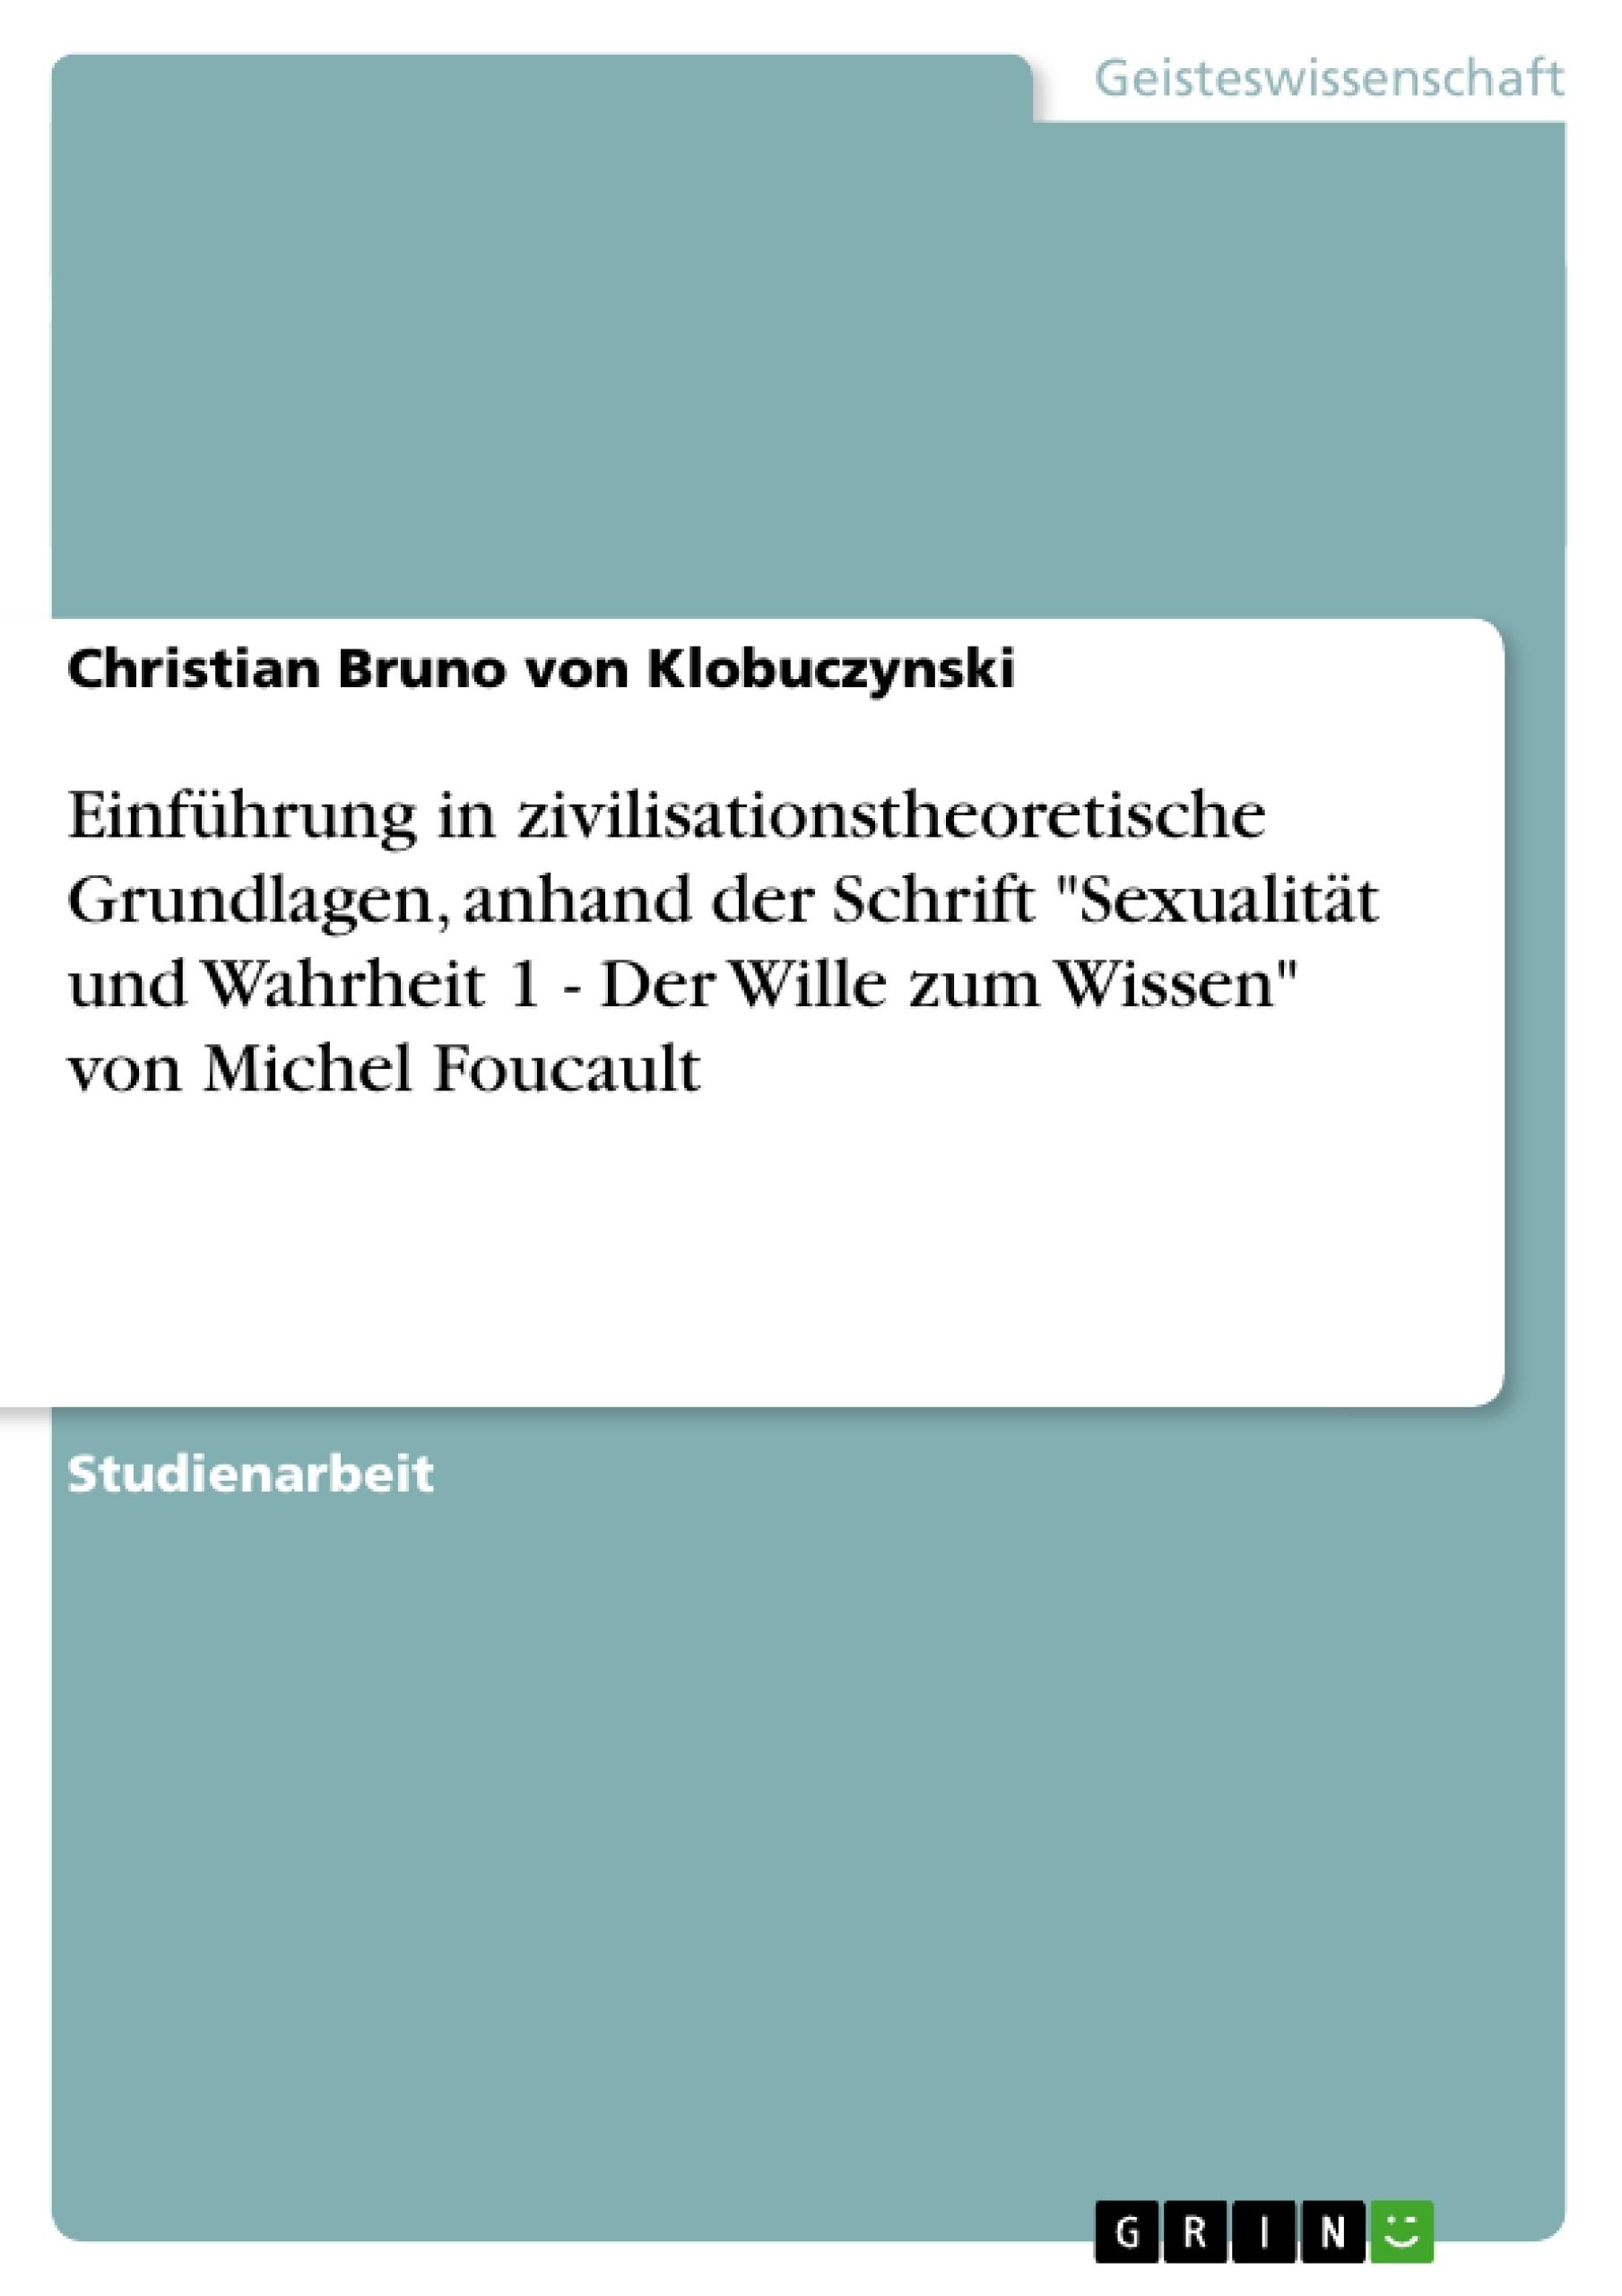 """Titel: Einführung in zivilisationstheoretische Grundlagen, anhand der Schrift """"Sexualität und Wahrheit 1 - Der Wille zum Wissen"""" von Michel Foucault"""